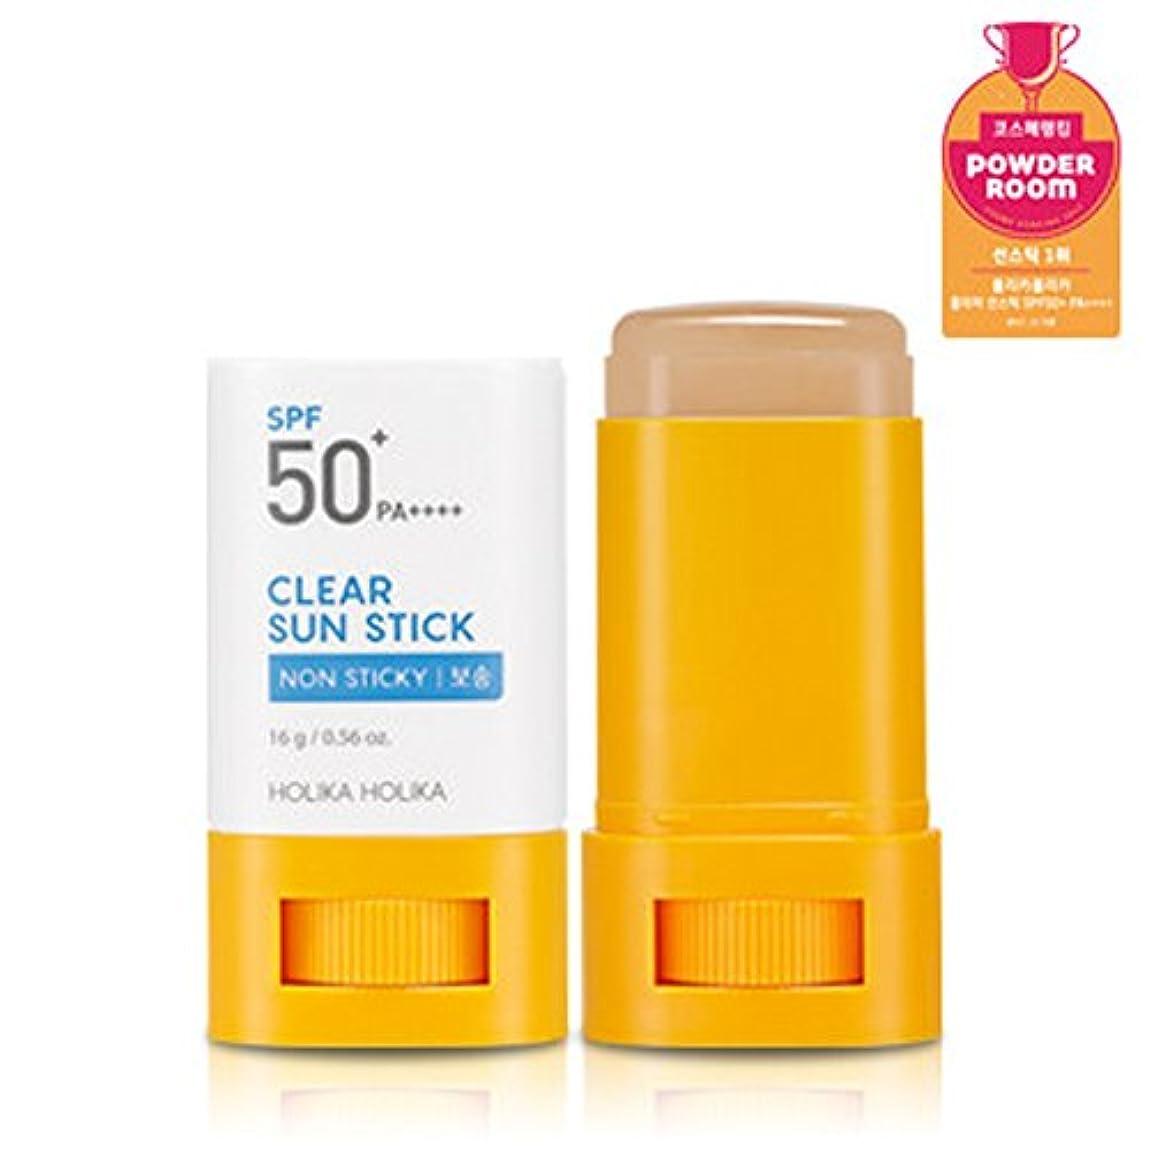 自信がある吸収剤傀儡[HolikaHolika/ホリカホリカ] Clear Sun Stick SPF50+PA++++/クリアサンスティック(16g) [TTBEAUTY][韓国コスメ]